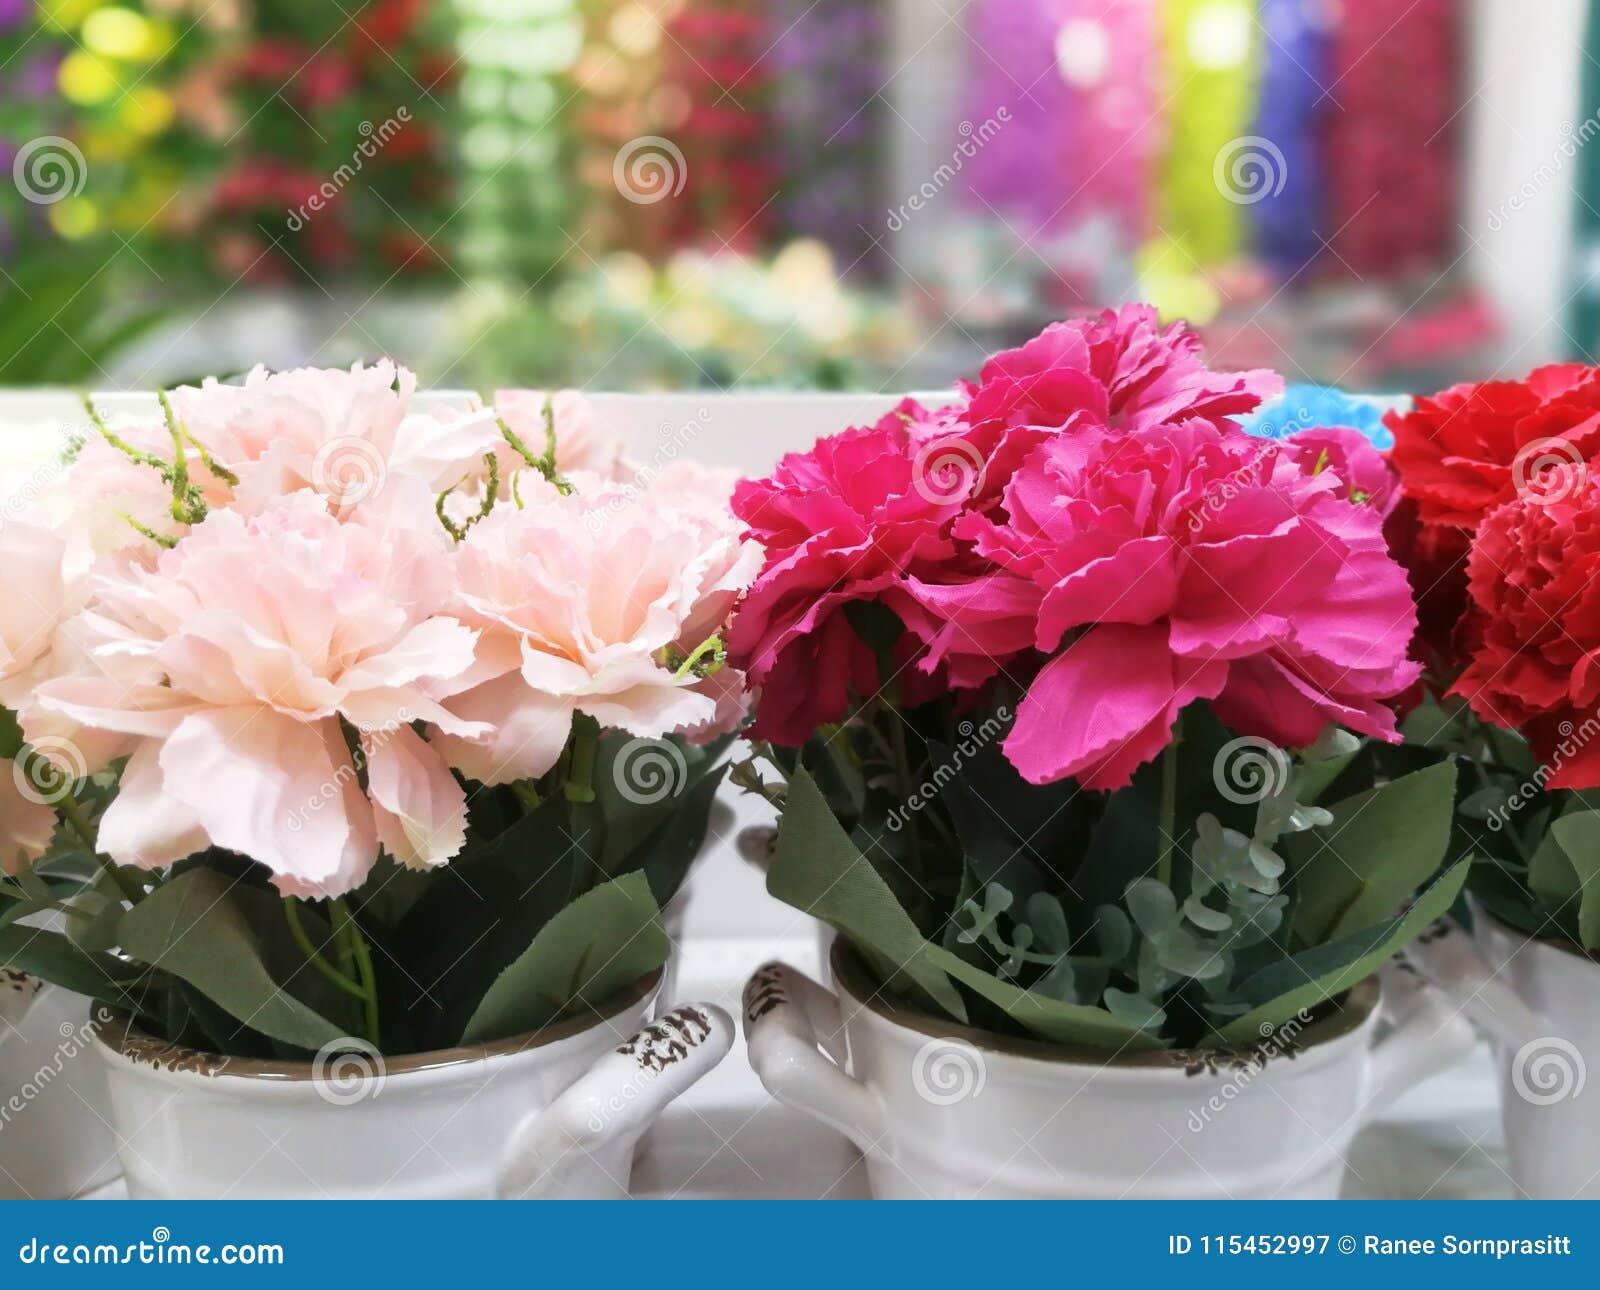 Las flores coloridas en un florero son hermosas